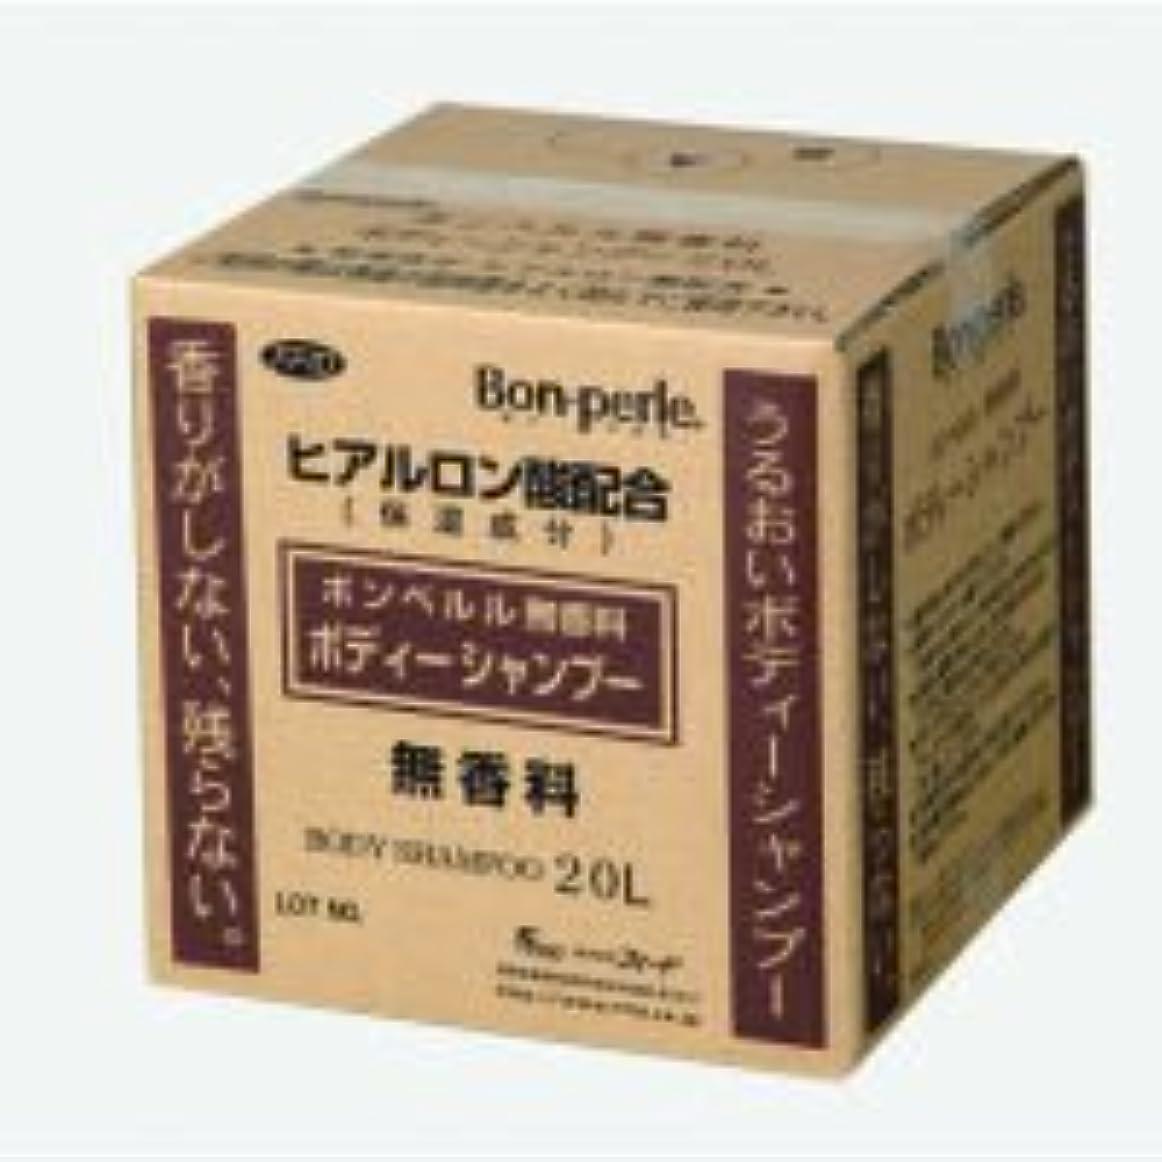 かわいらしいケイ素樫の木ボン?ペルル ノンエフモード 無香料 ボディシャンプー 20L [詰替用]